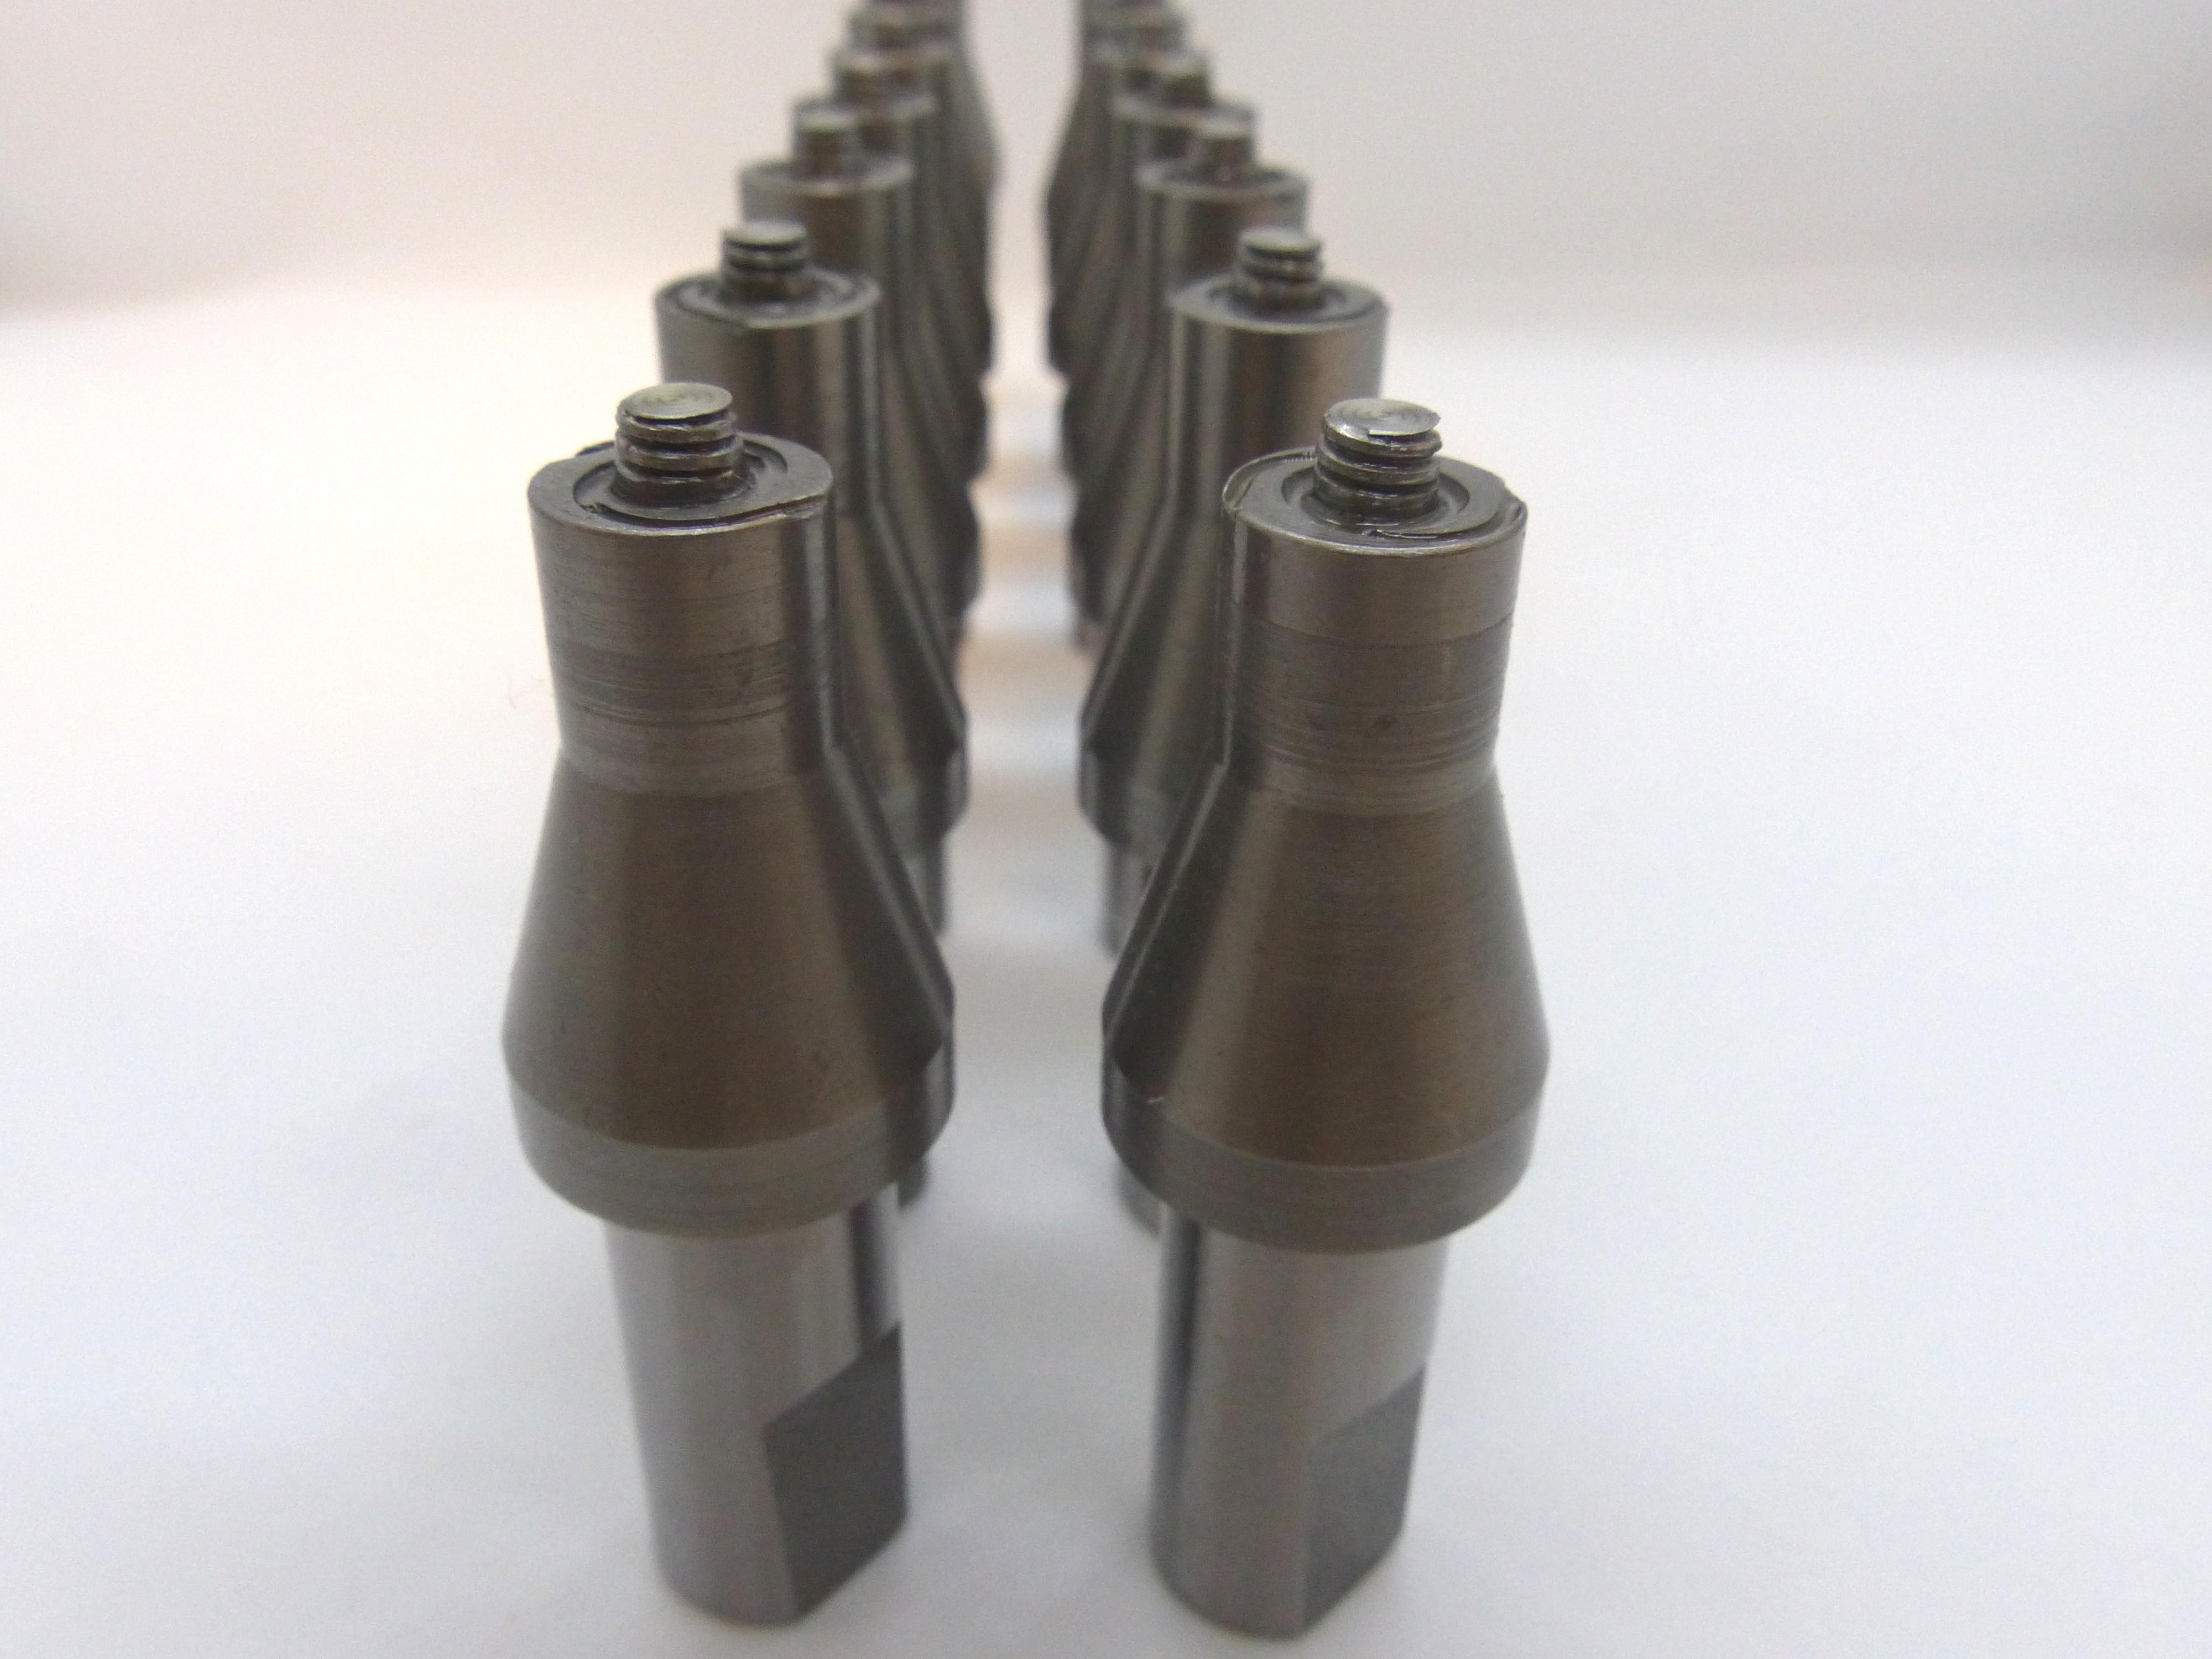 outils soudage par friction malaxage